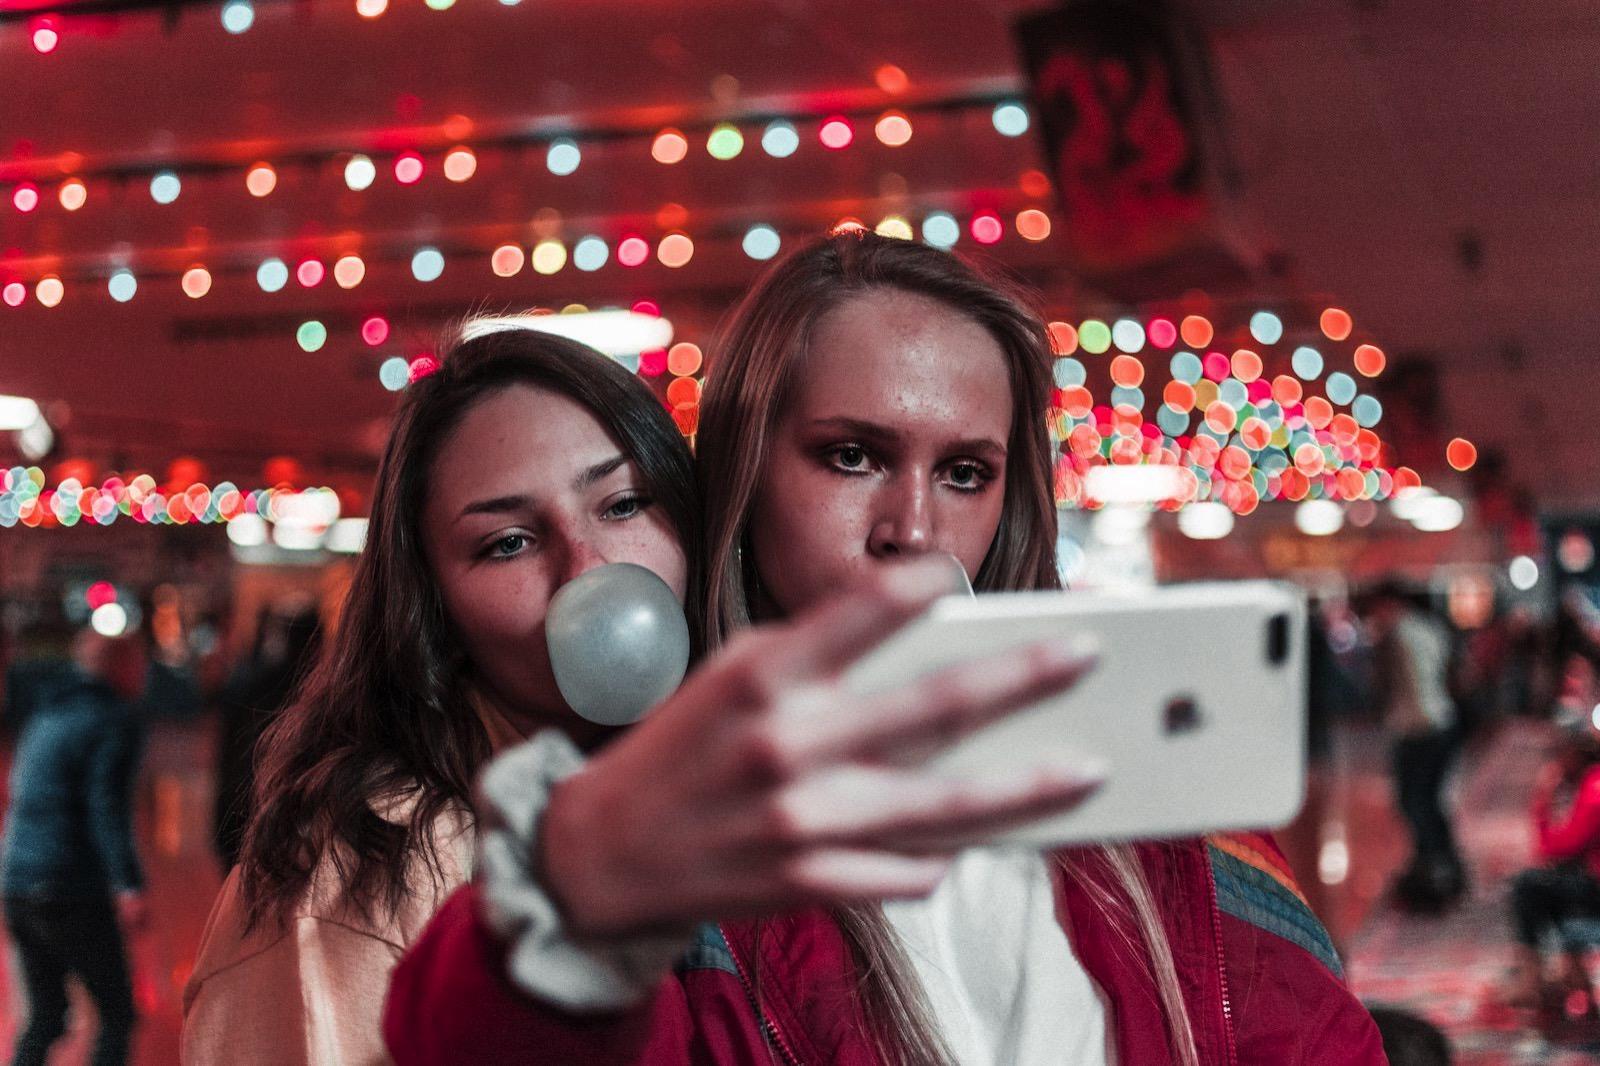 ben-weber-547197-unsplash-taking-selfies-with-iphone.jpg